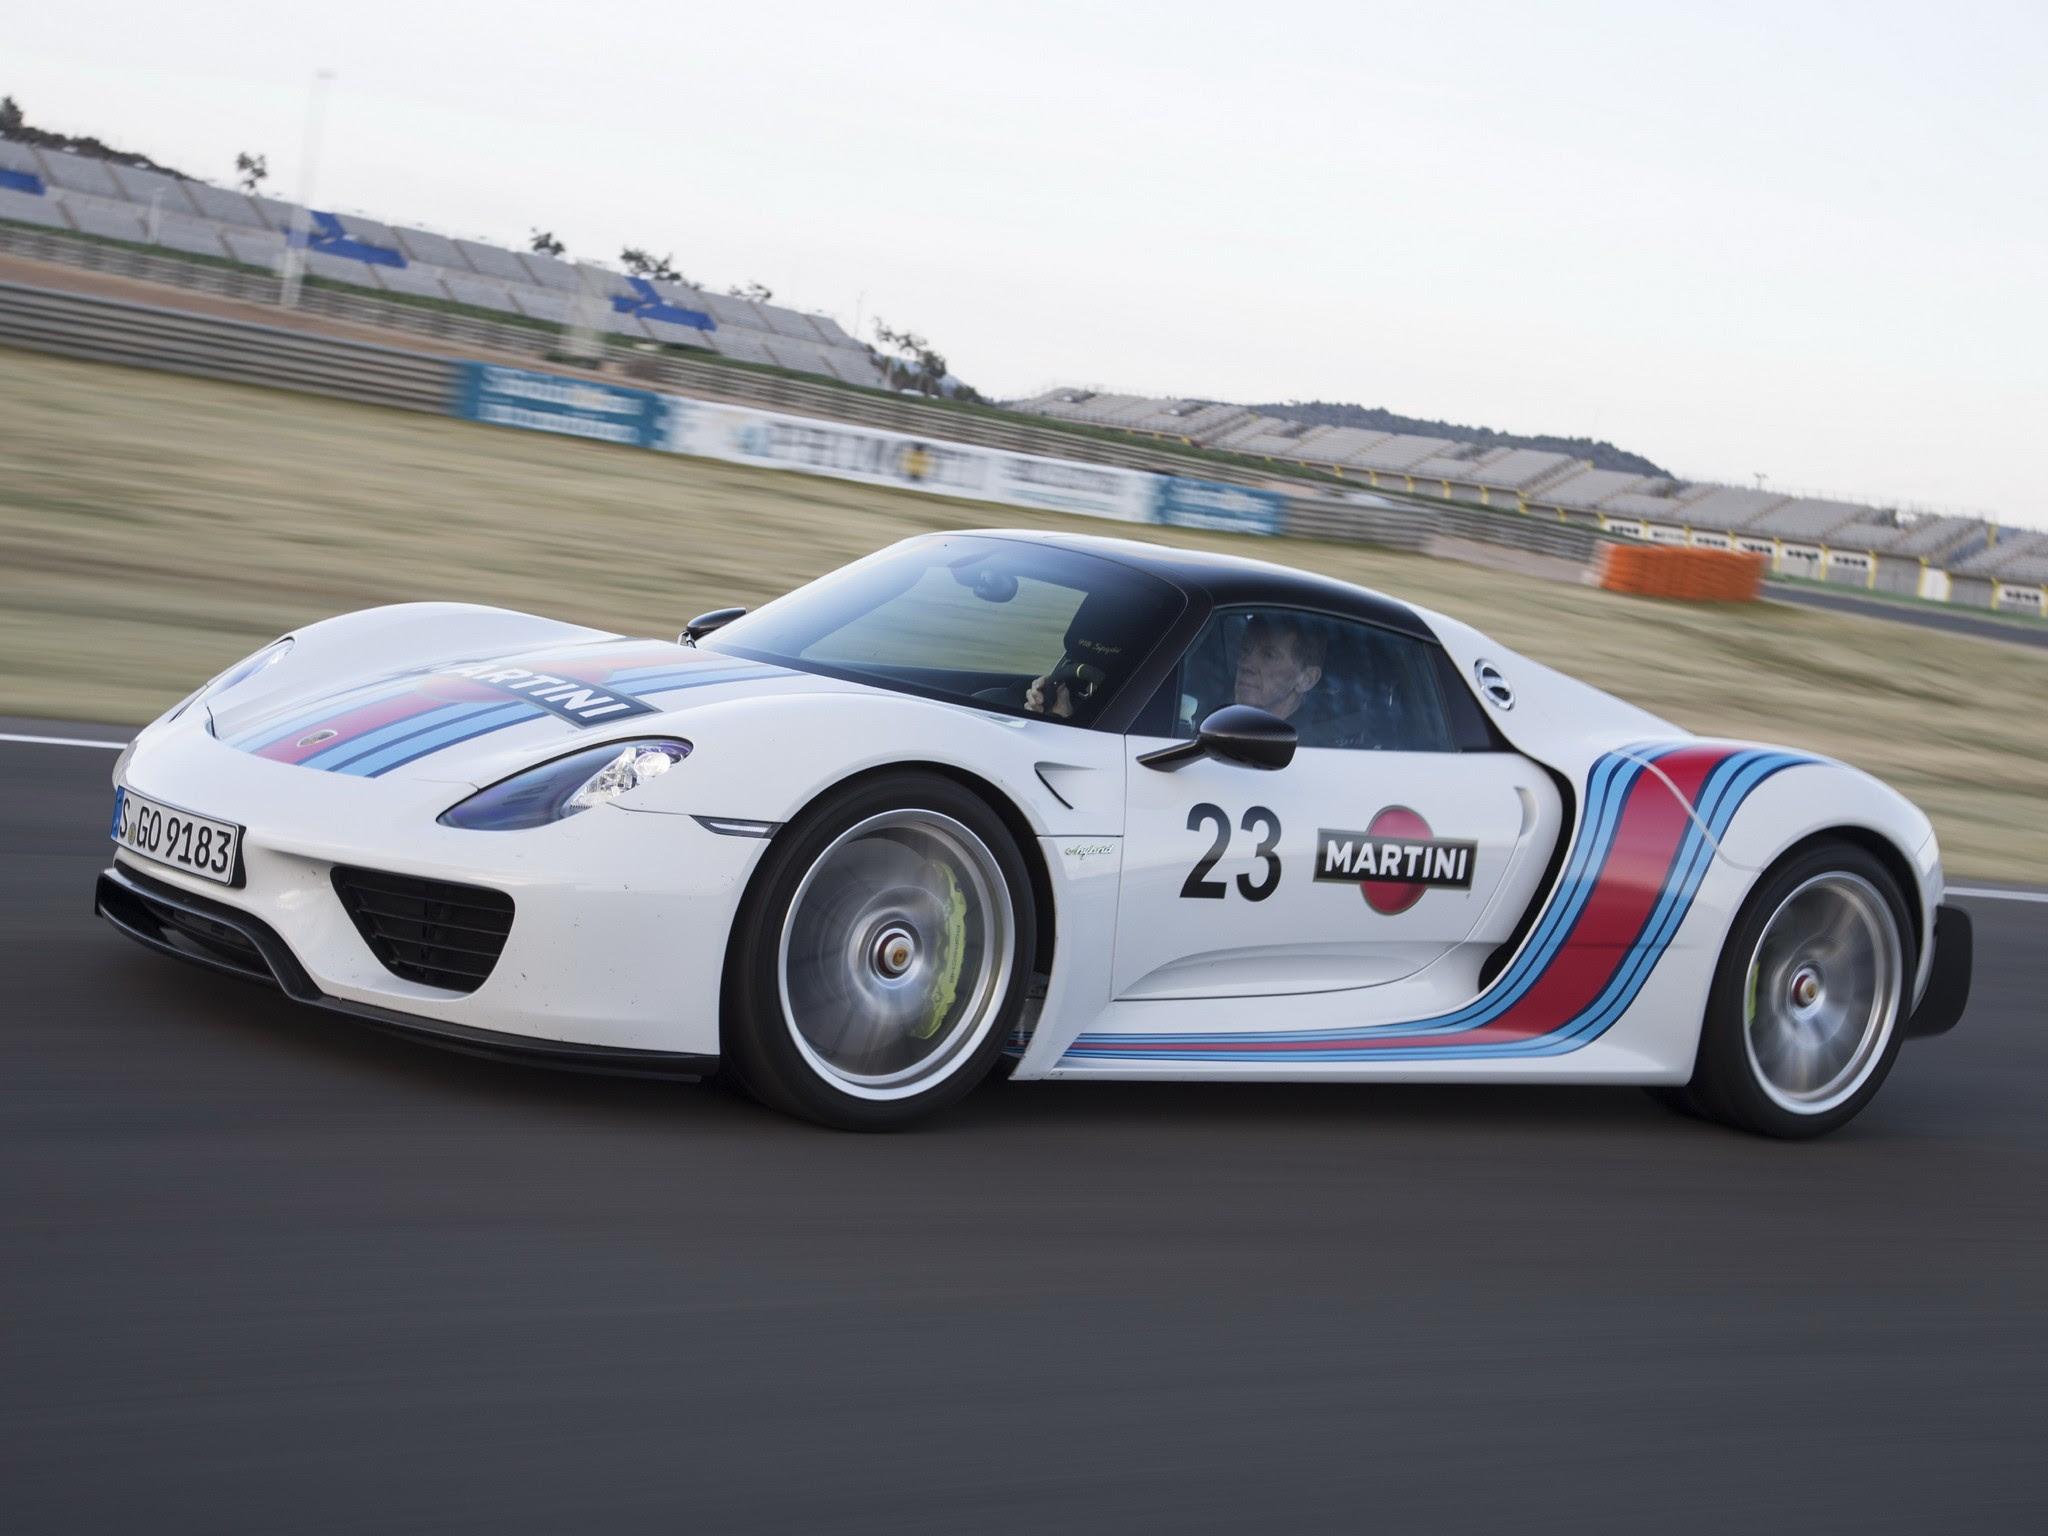 Porsche 918 Spyder: Video, foto e caratteristiche